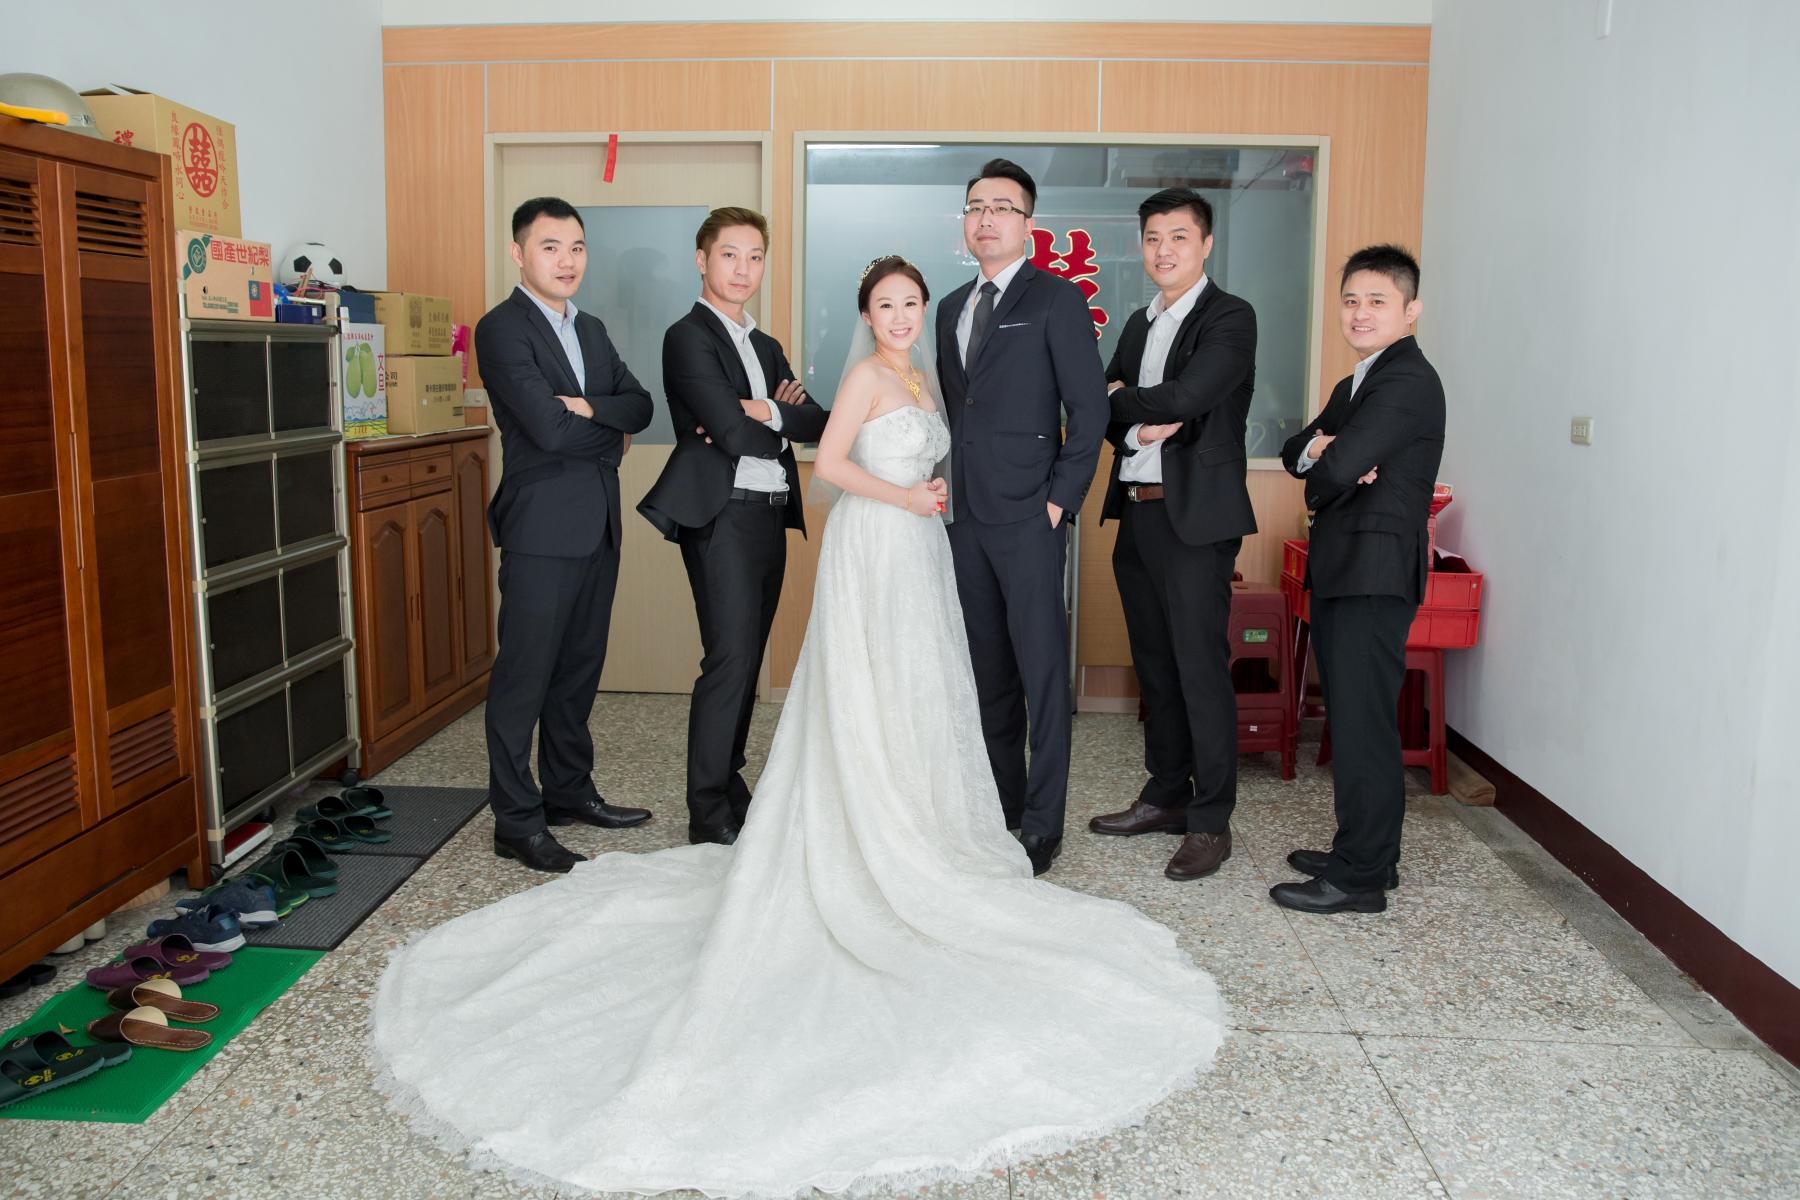 鴻璿鈺婷婚禮423